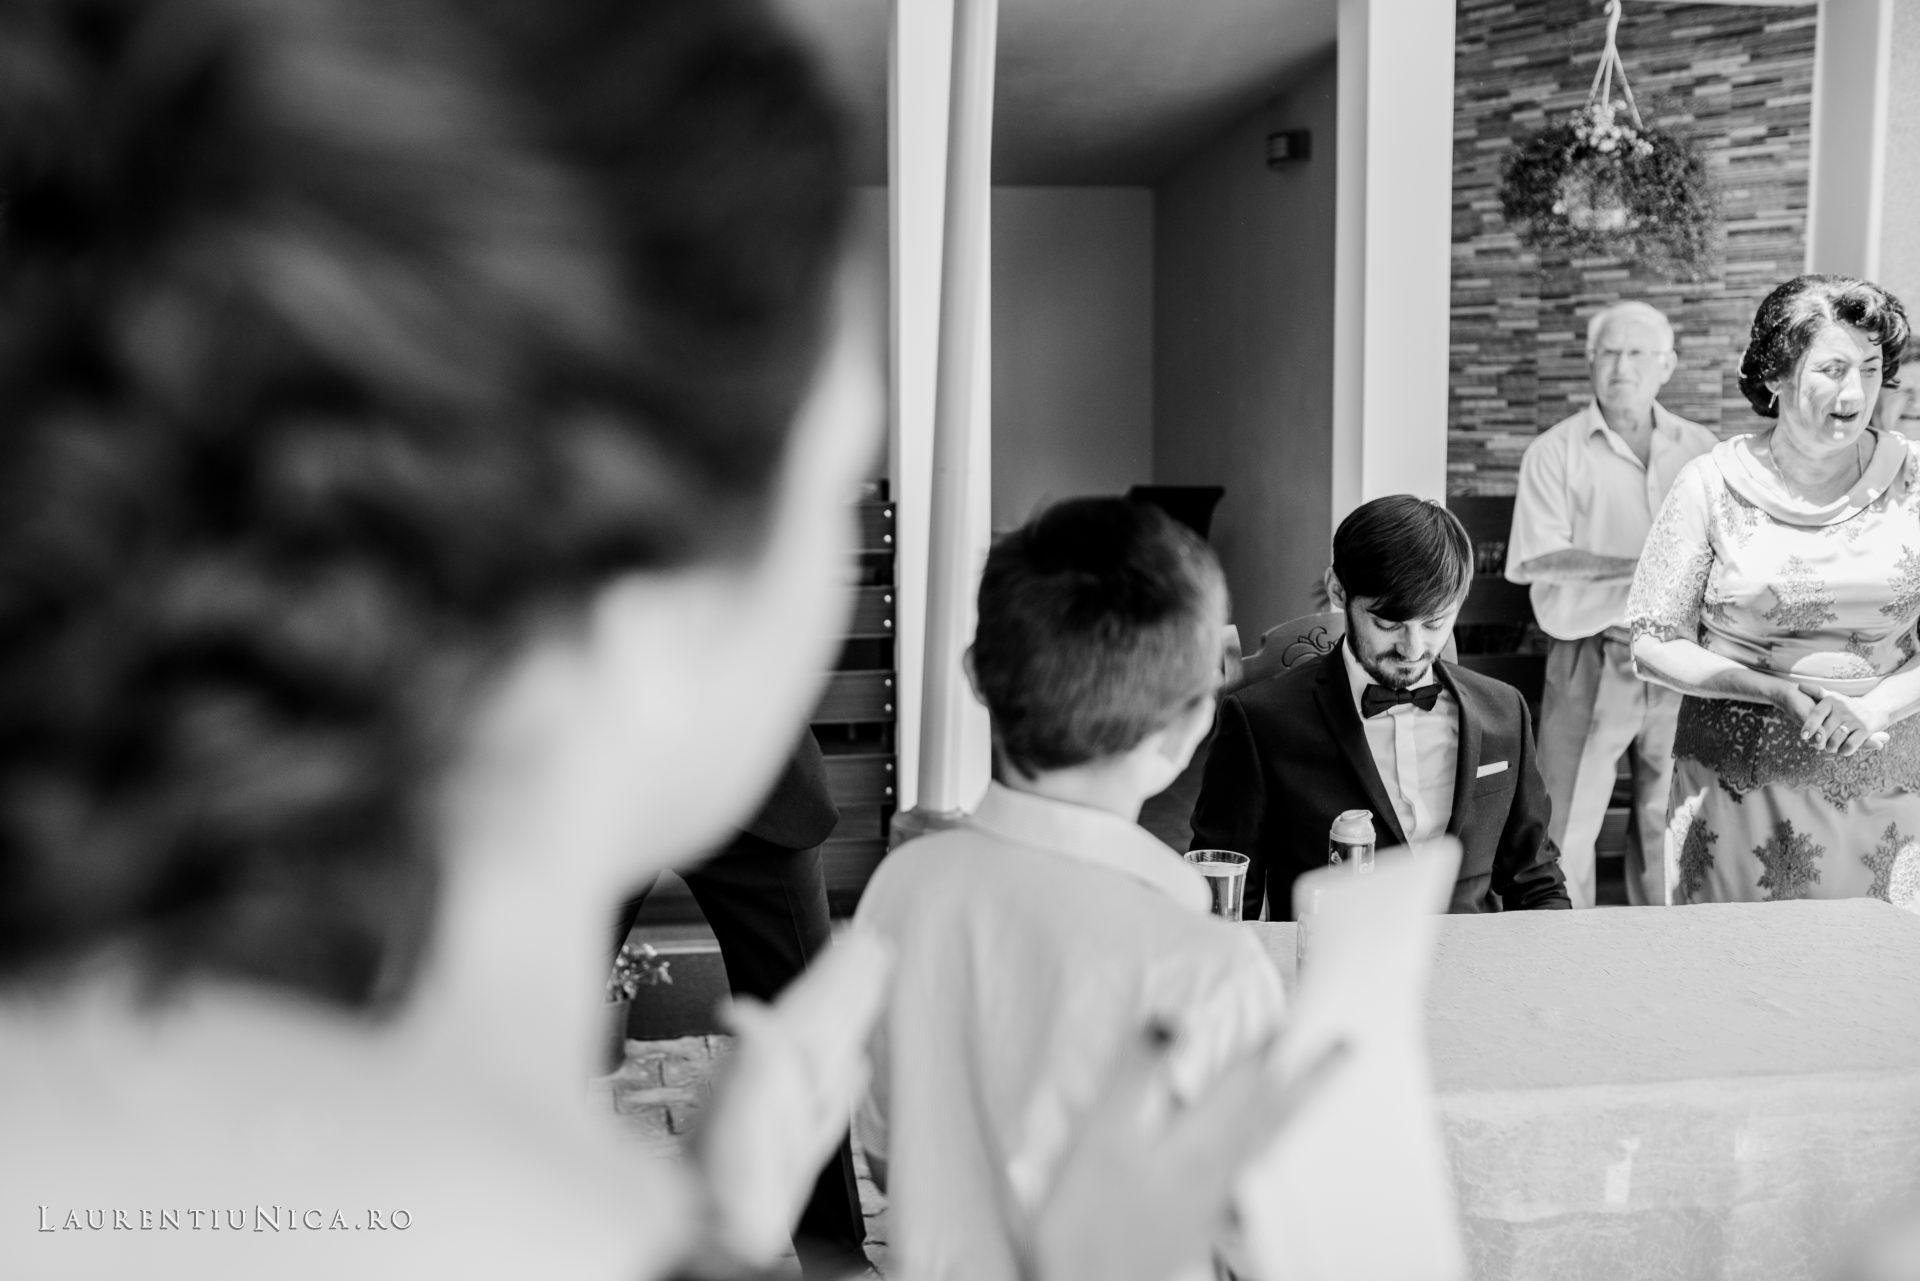 Cristina si Ovidiu nunta Craiova fotograf laurentiu nica 052 - Cristina & Ovidiu | Fotografii nunta | Craiova